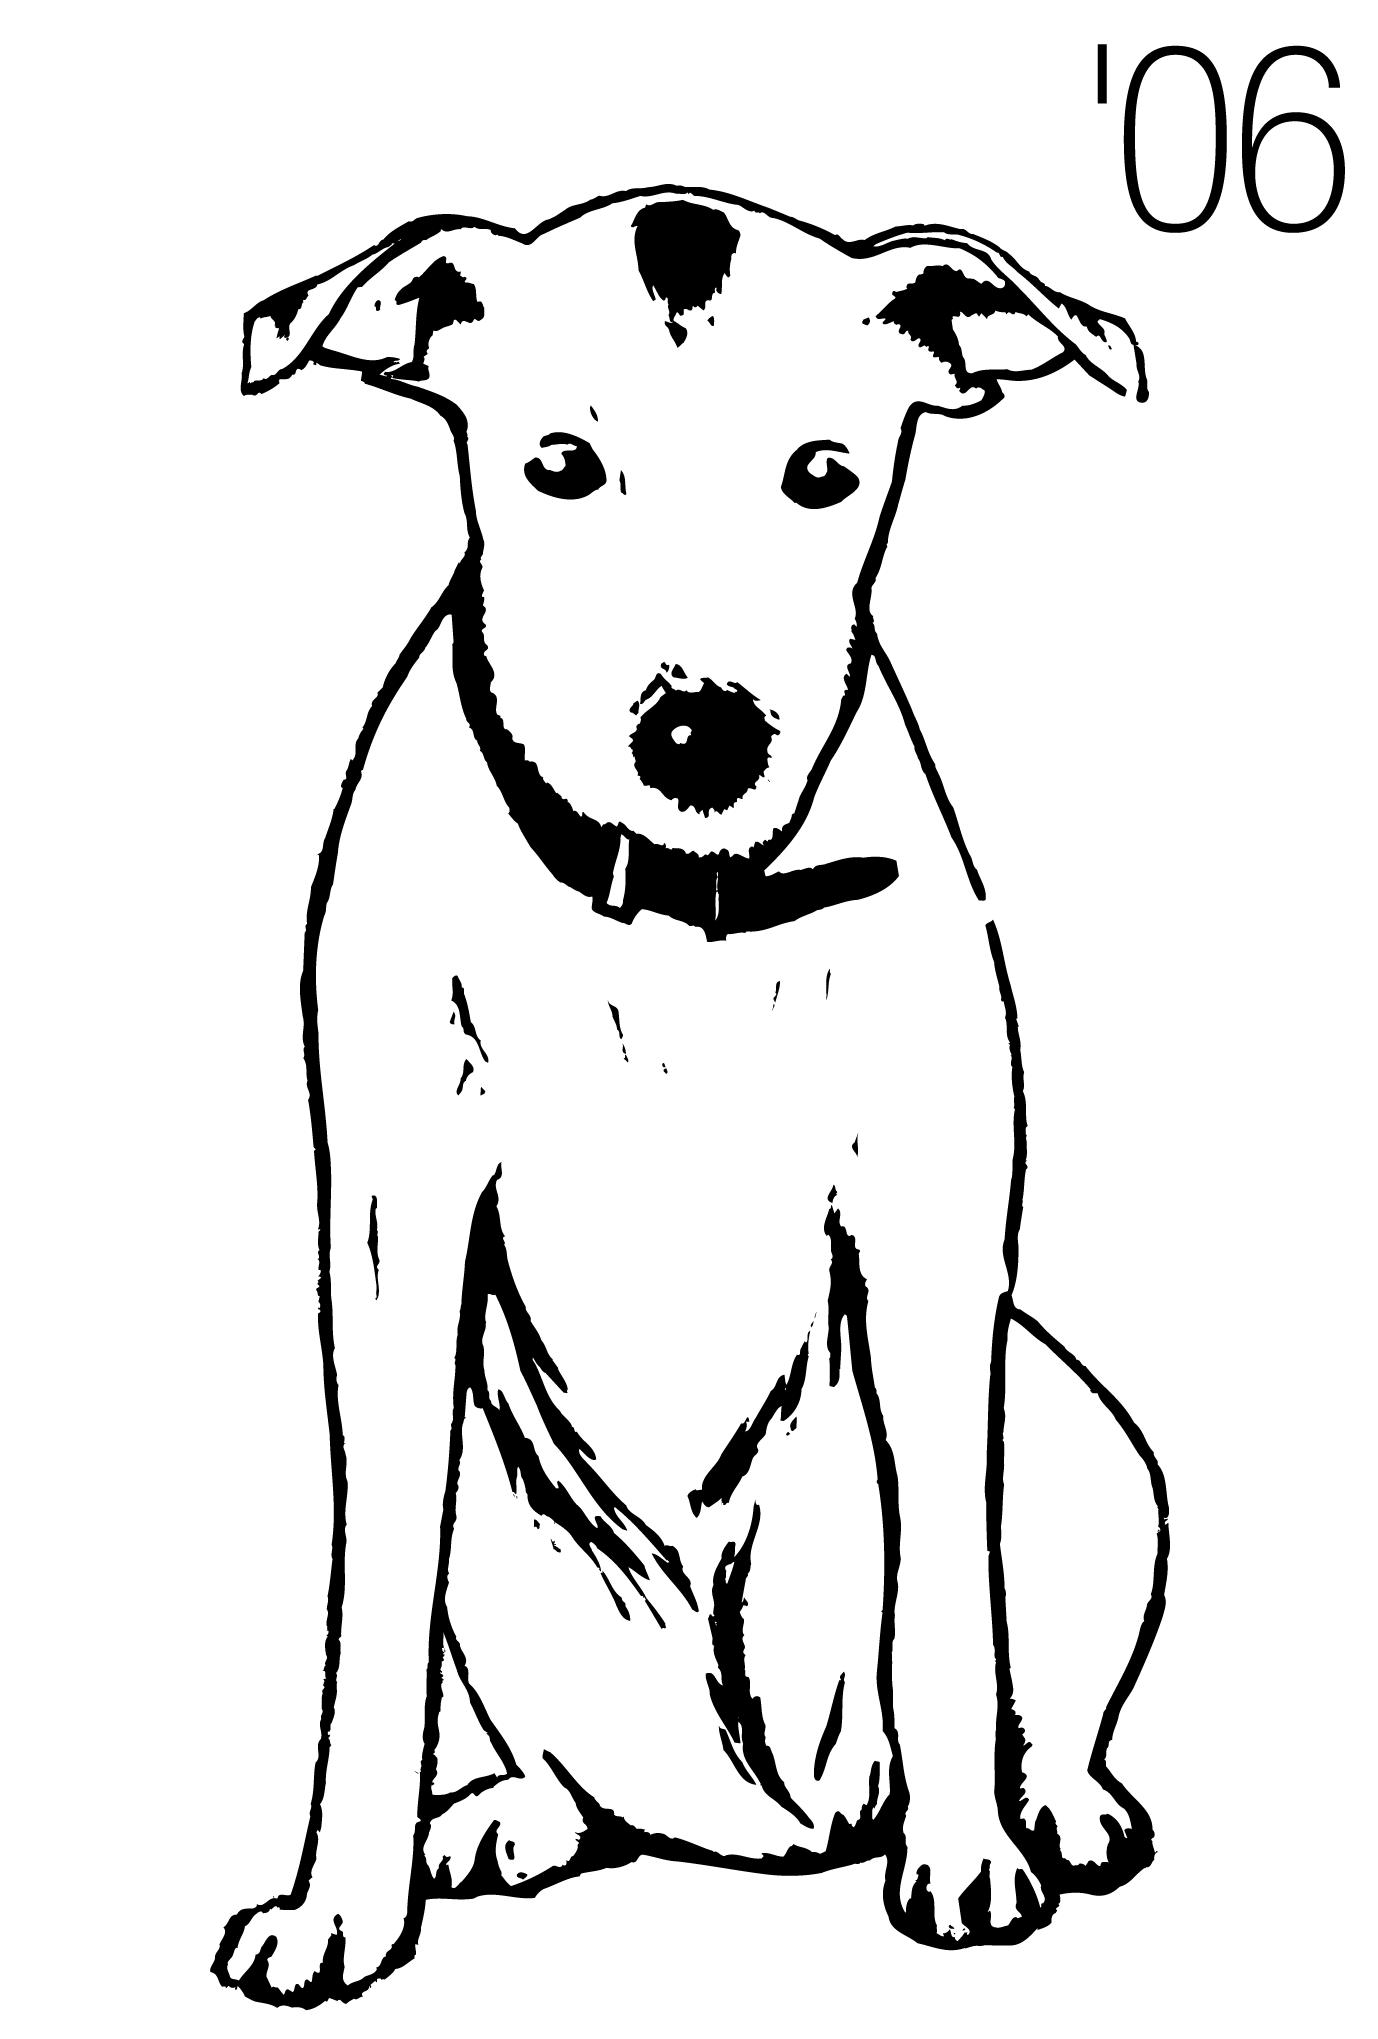 2006年賀状30:Dog woodblock printのダウンロード画像